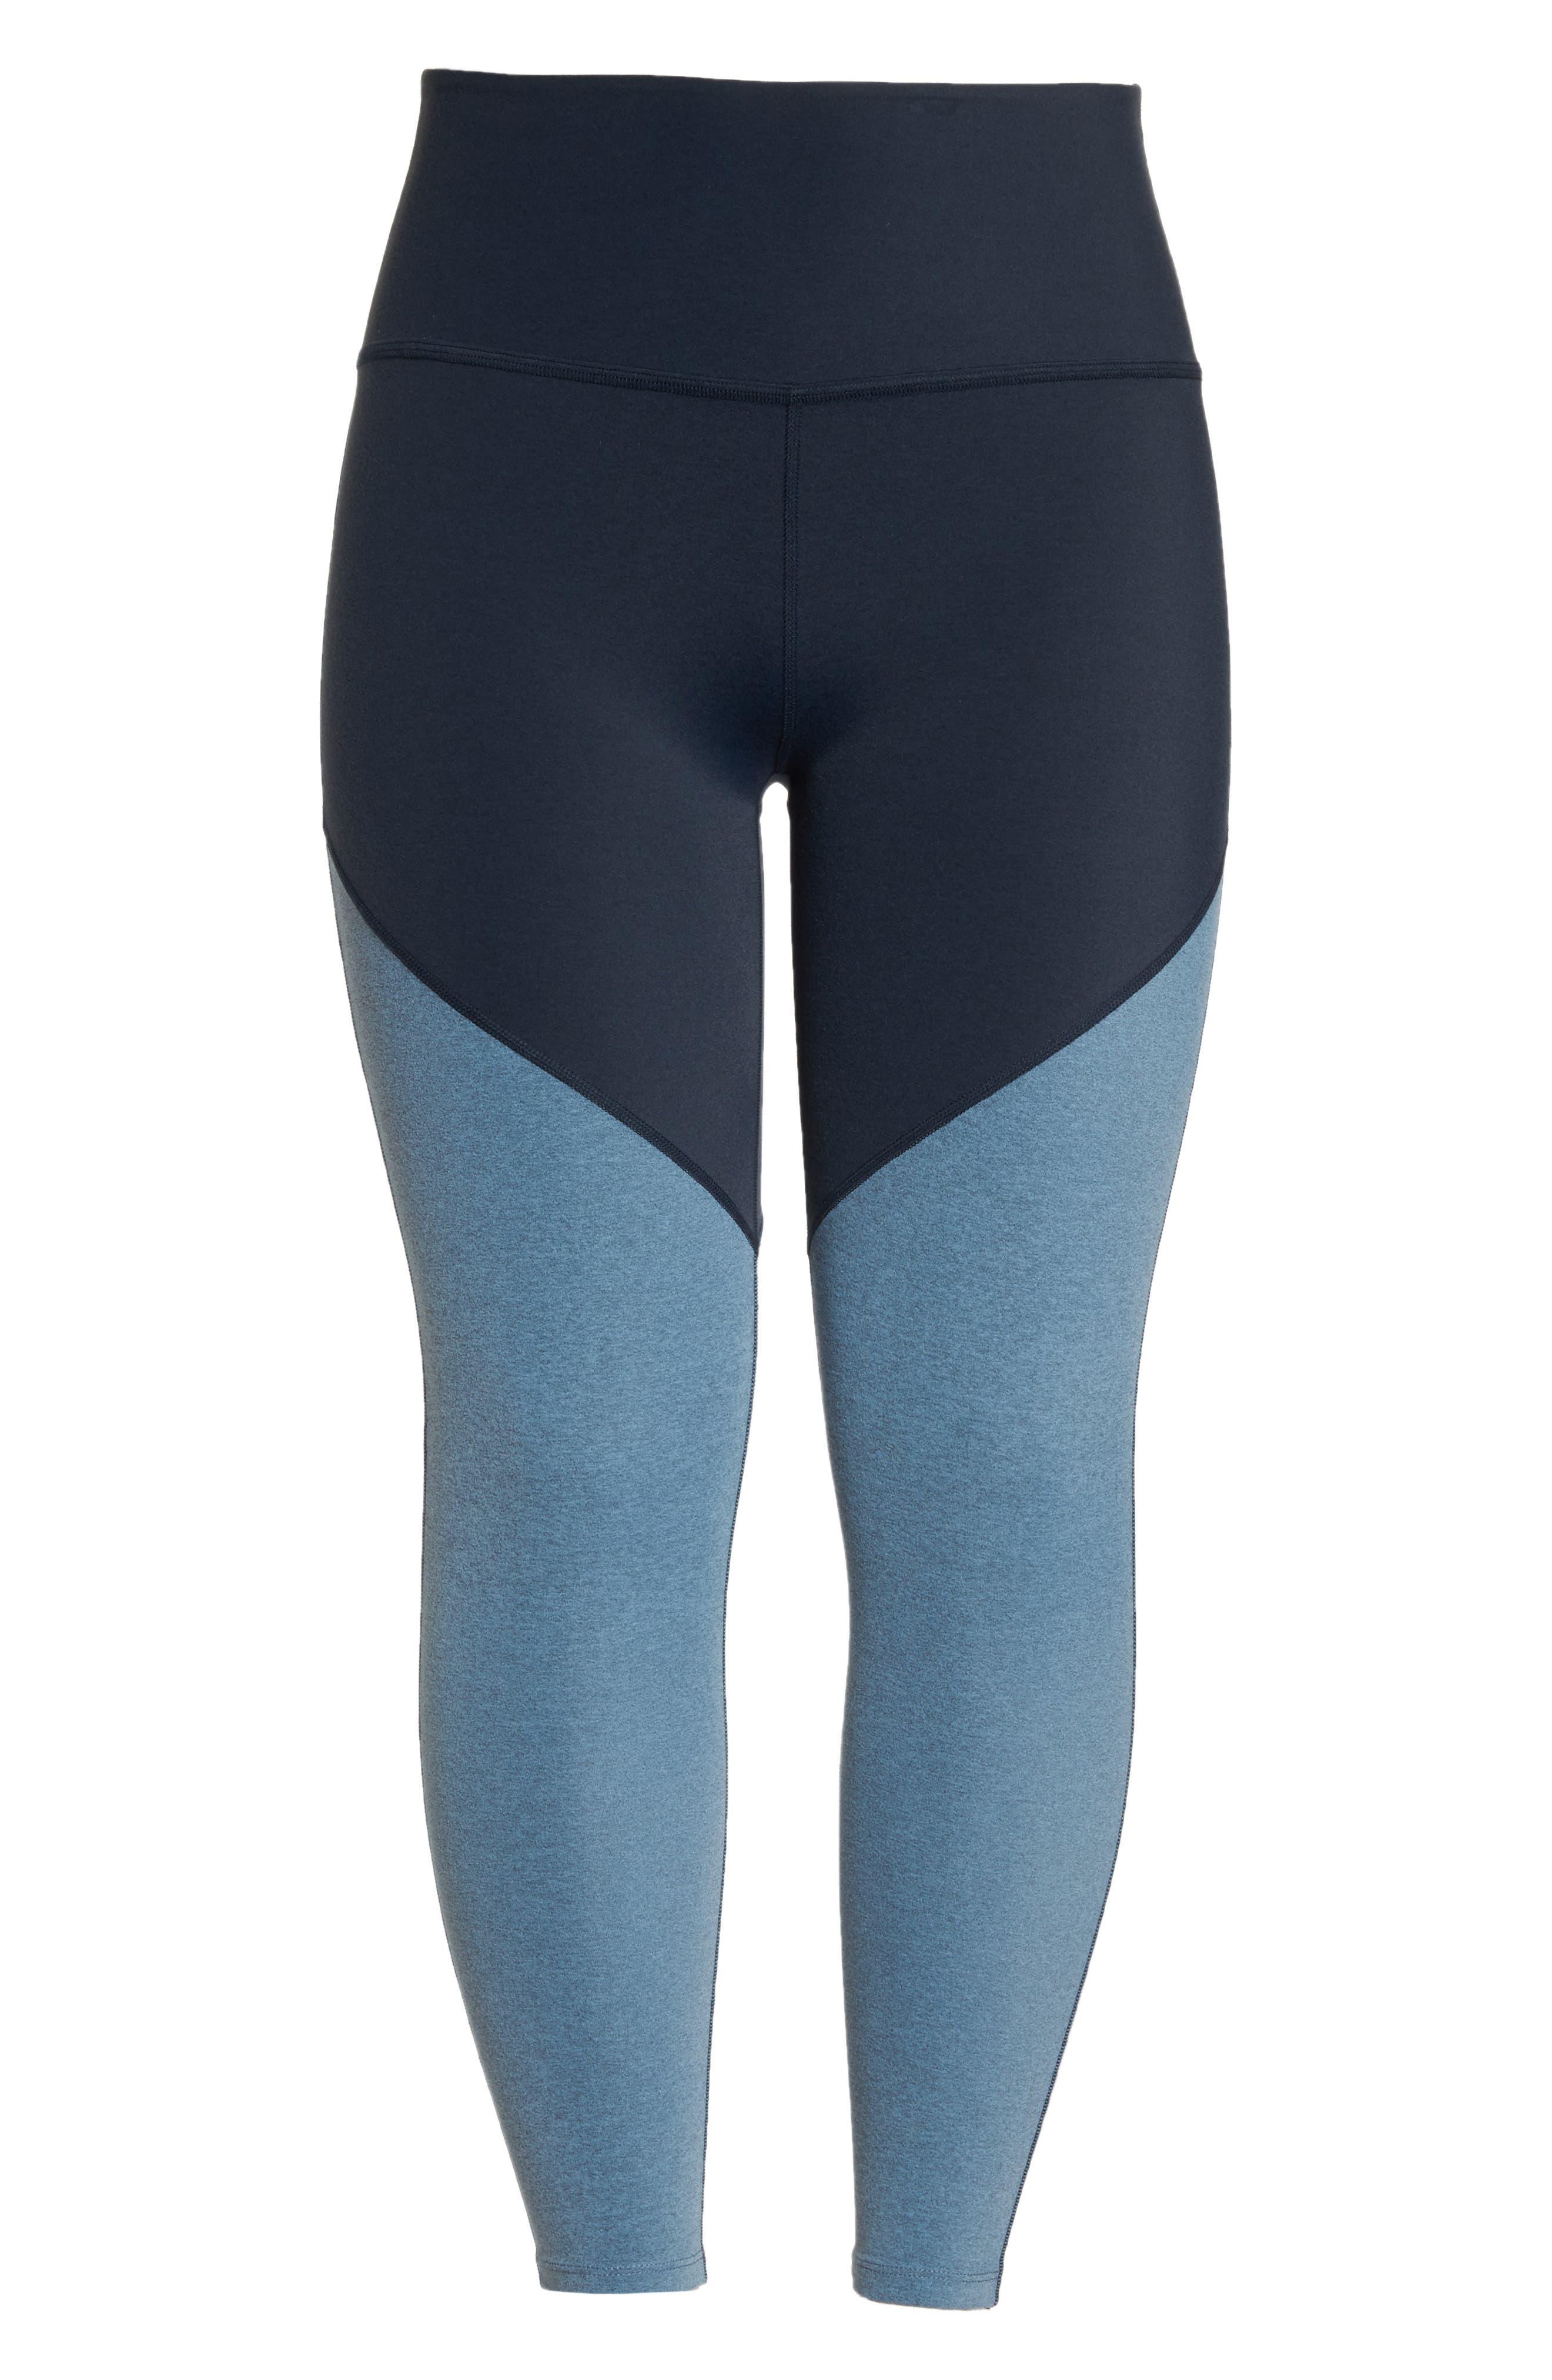 Plush High Waist Midi Leggings,                             Alternate thumbnail 7, color,                             NOCTURNAL NAVY/ LIGHT BLUE